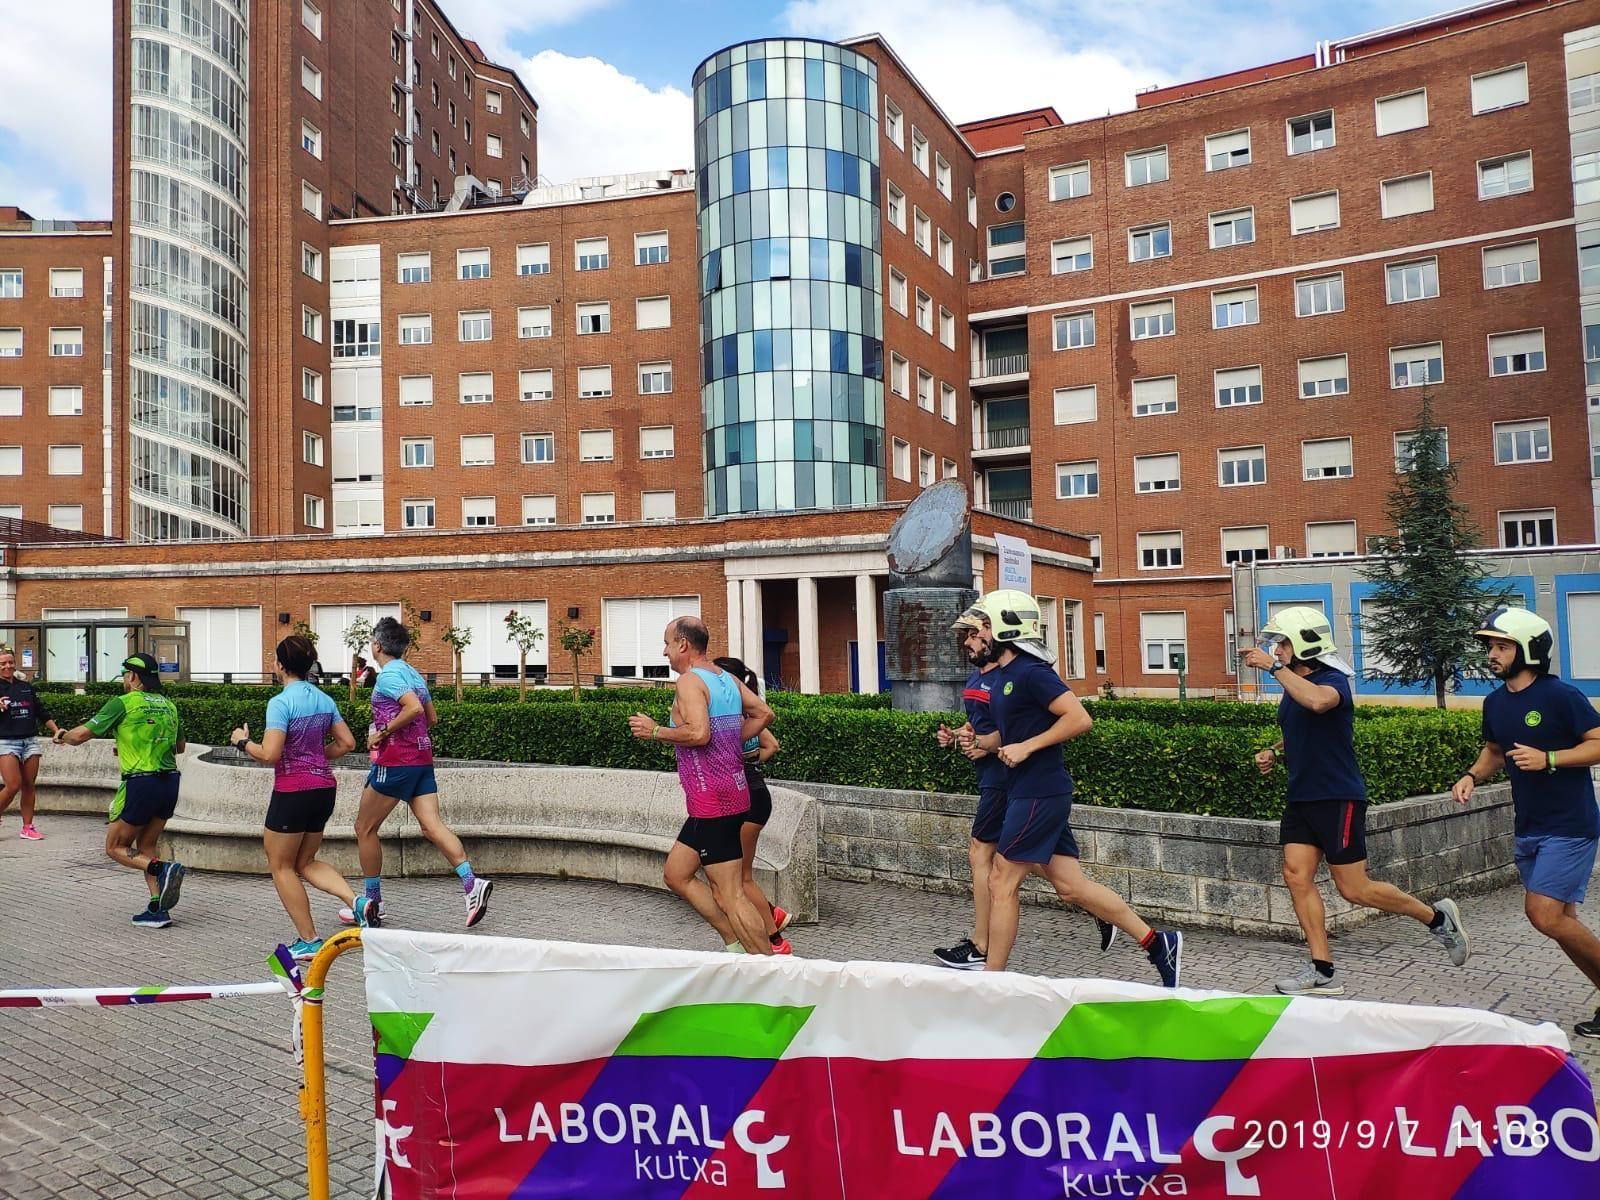 Calendario 2020 Festivos Bizkaia Más Actual Bomberos Bilbao Of Calendario 2020 Festivos Bizkaia Recientes Acrpolis 6 De Octubre 2010